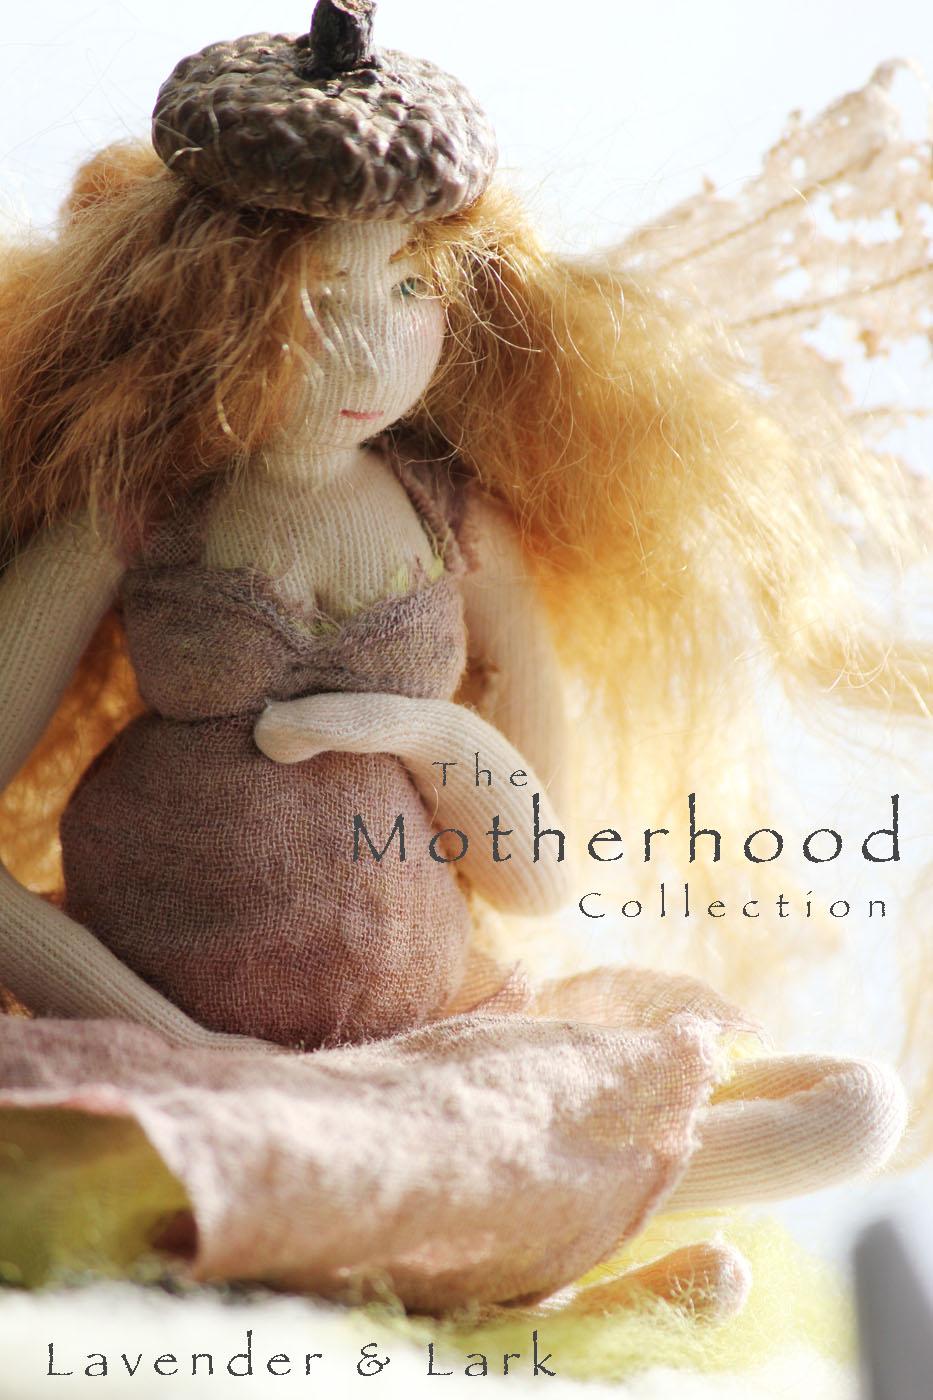 freya motherhood.jpg